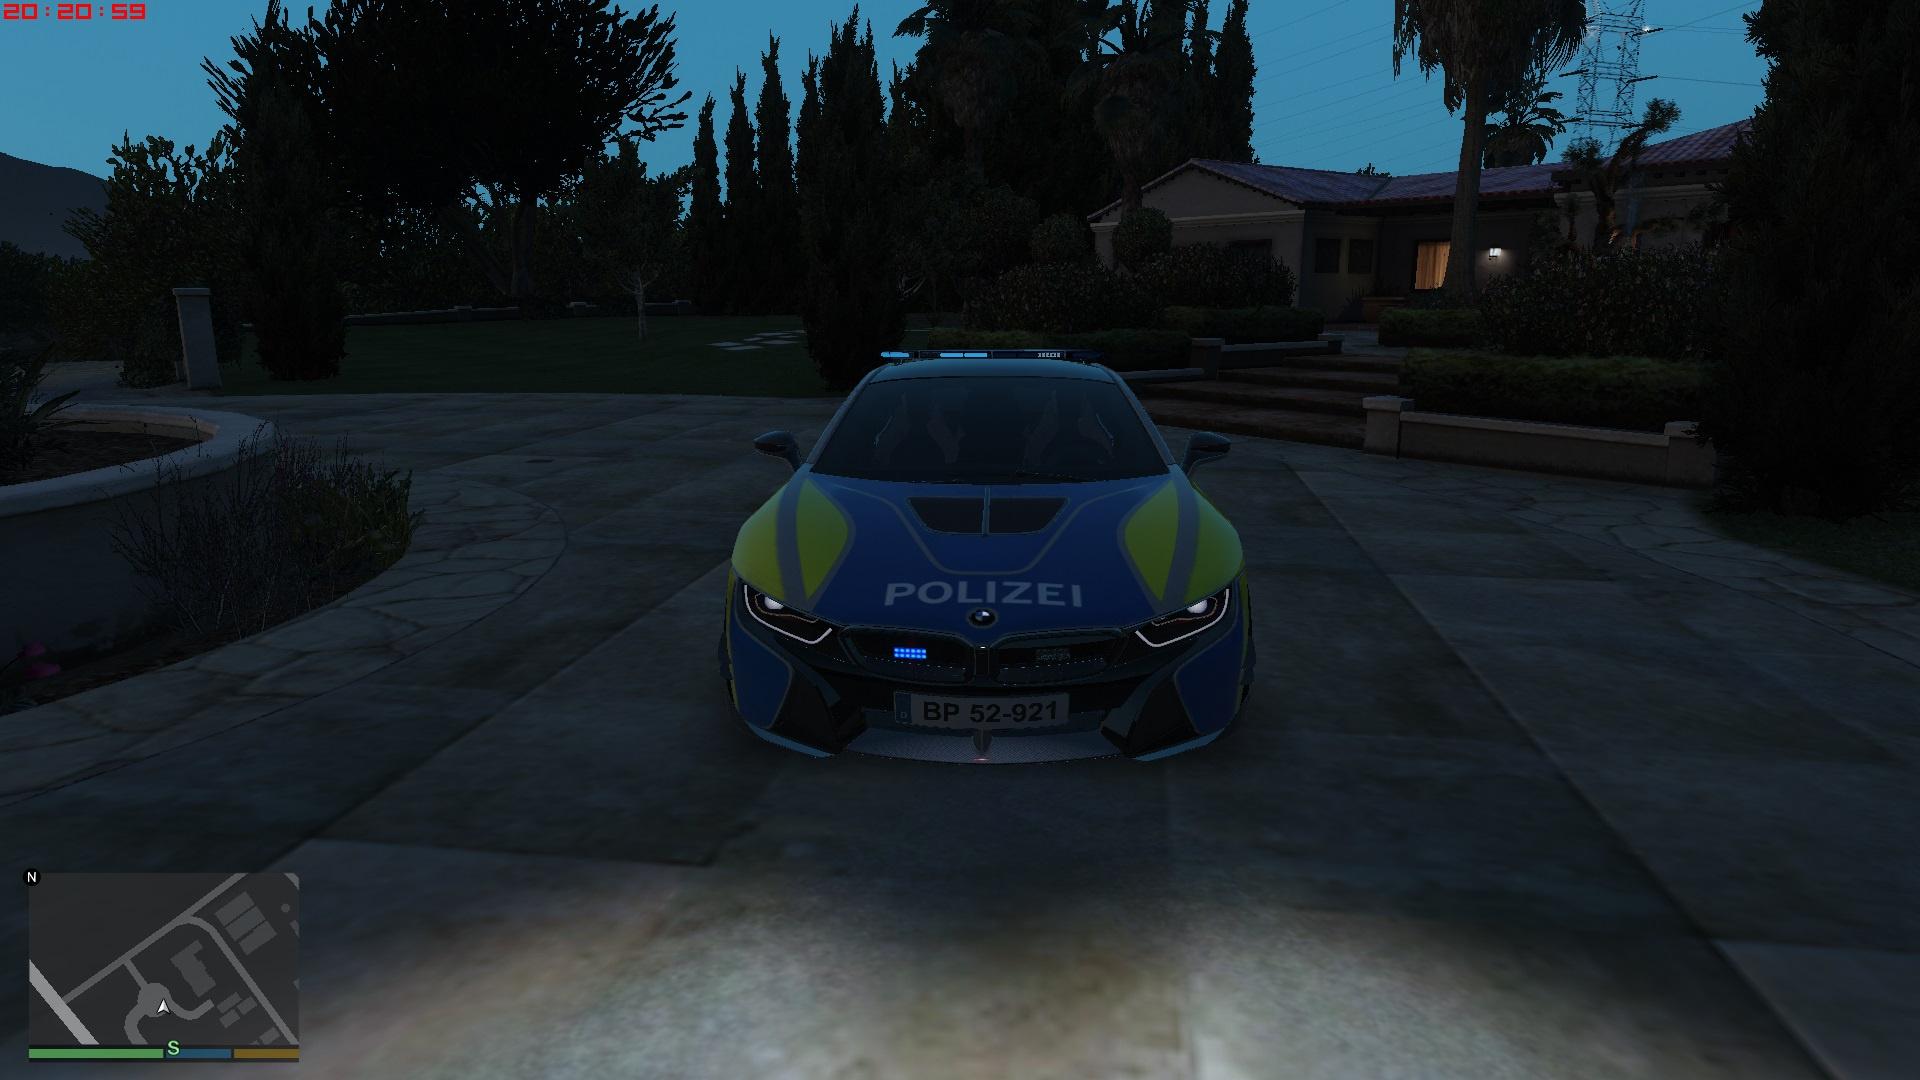 Bmw I8 Ac Schnitzer German Police Noels Els Gta5 Mods Com